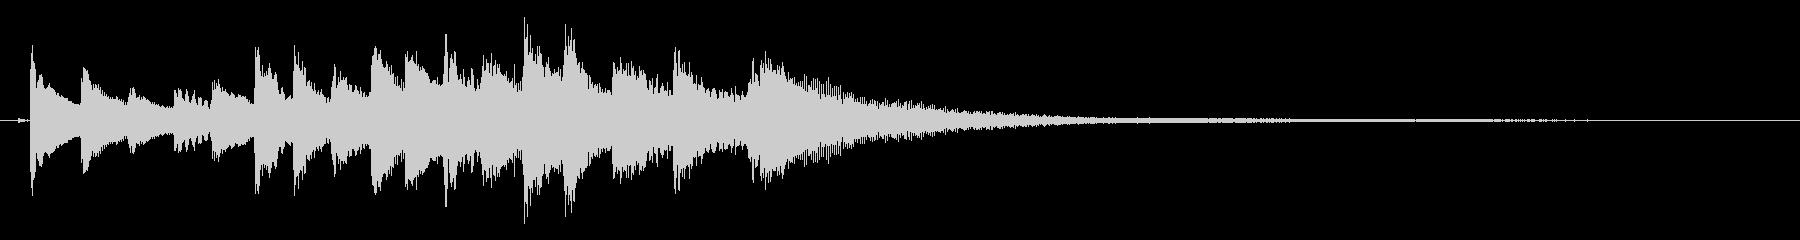 和風 シンプル 琴のジングル3の未再生の波形